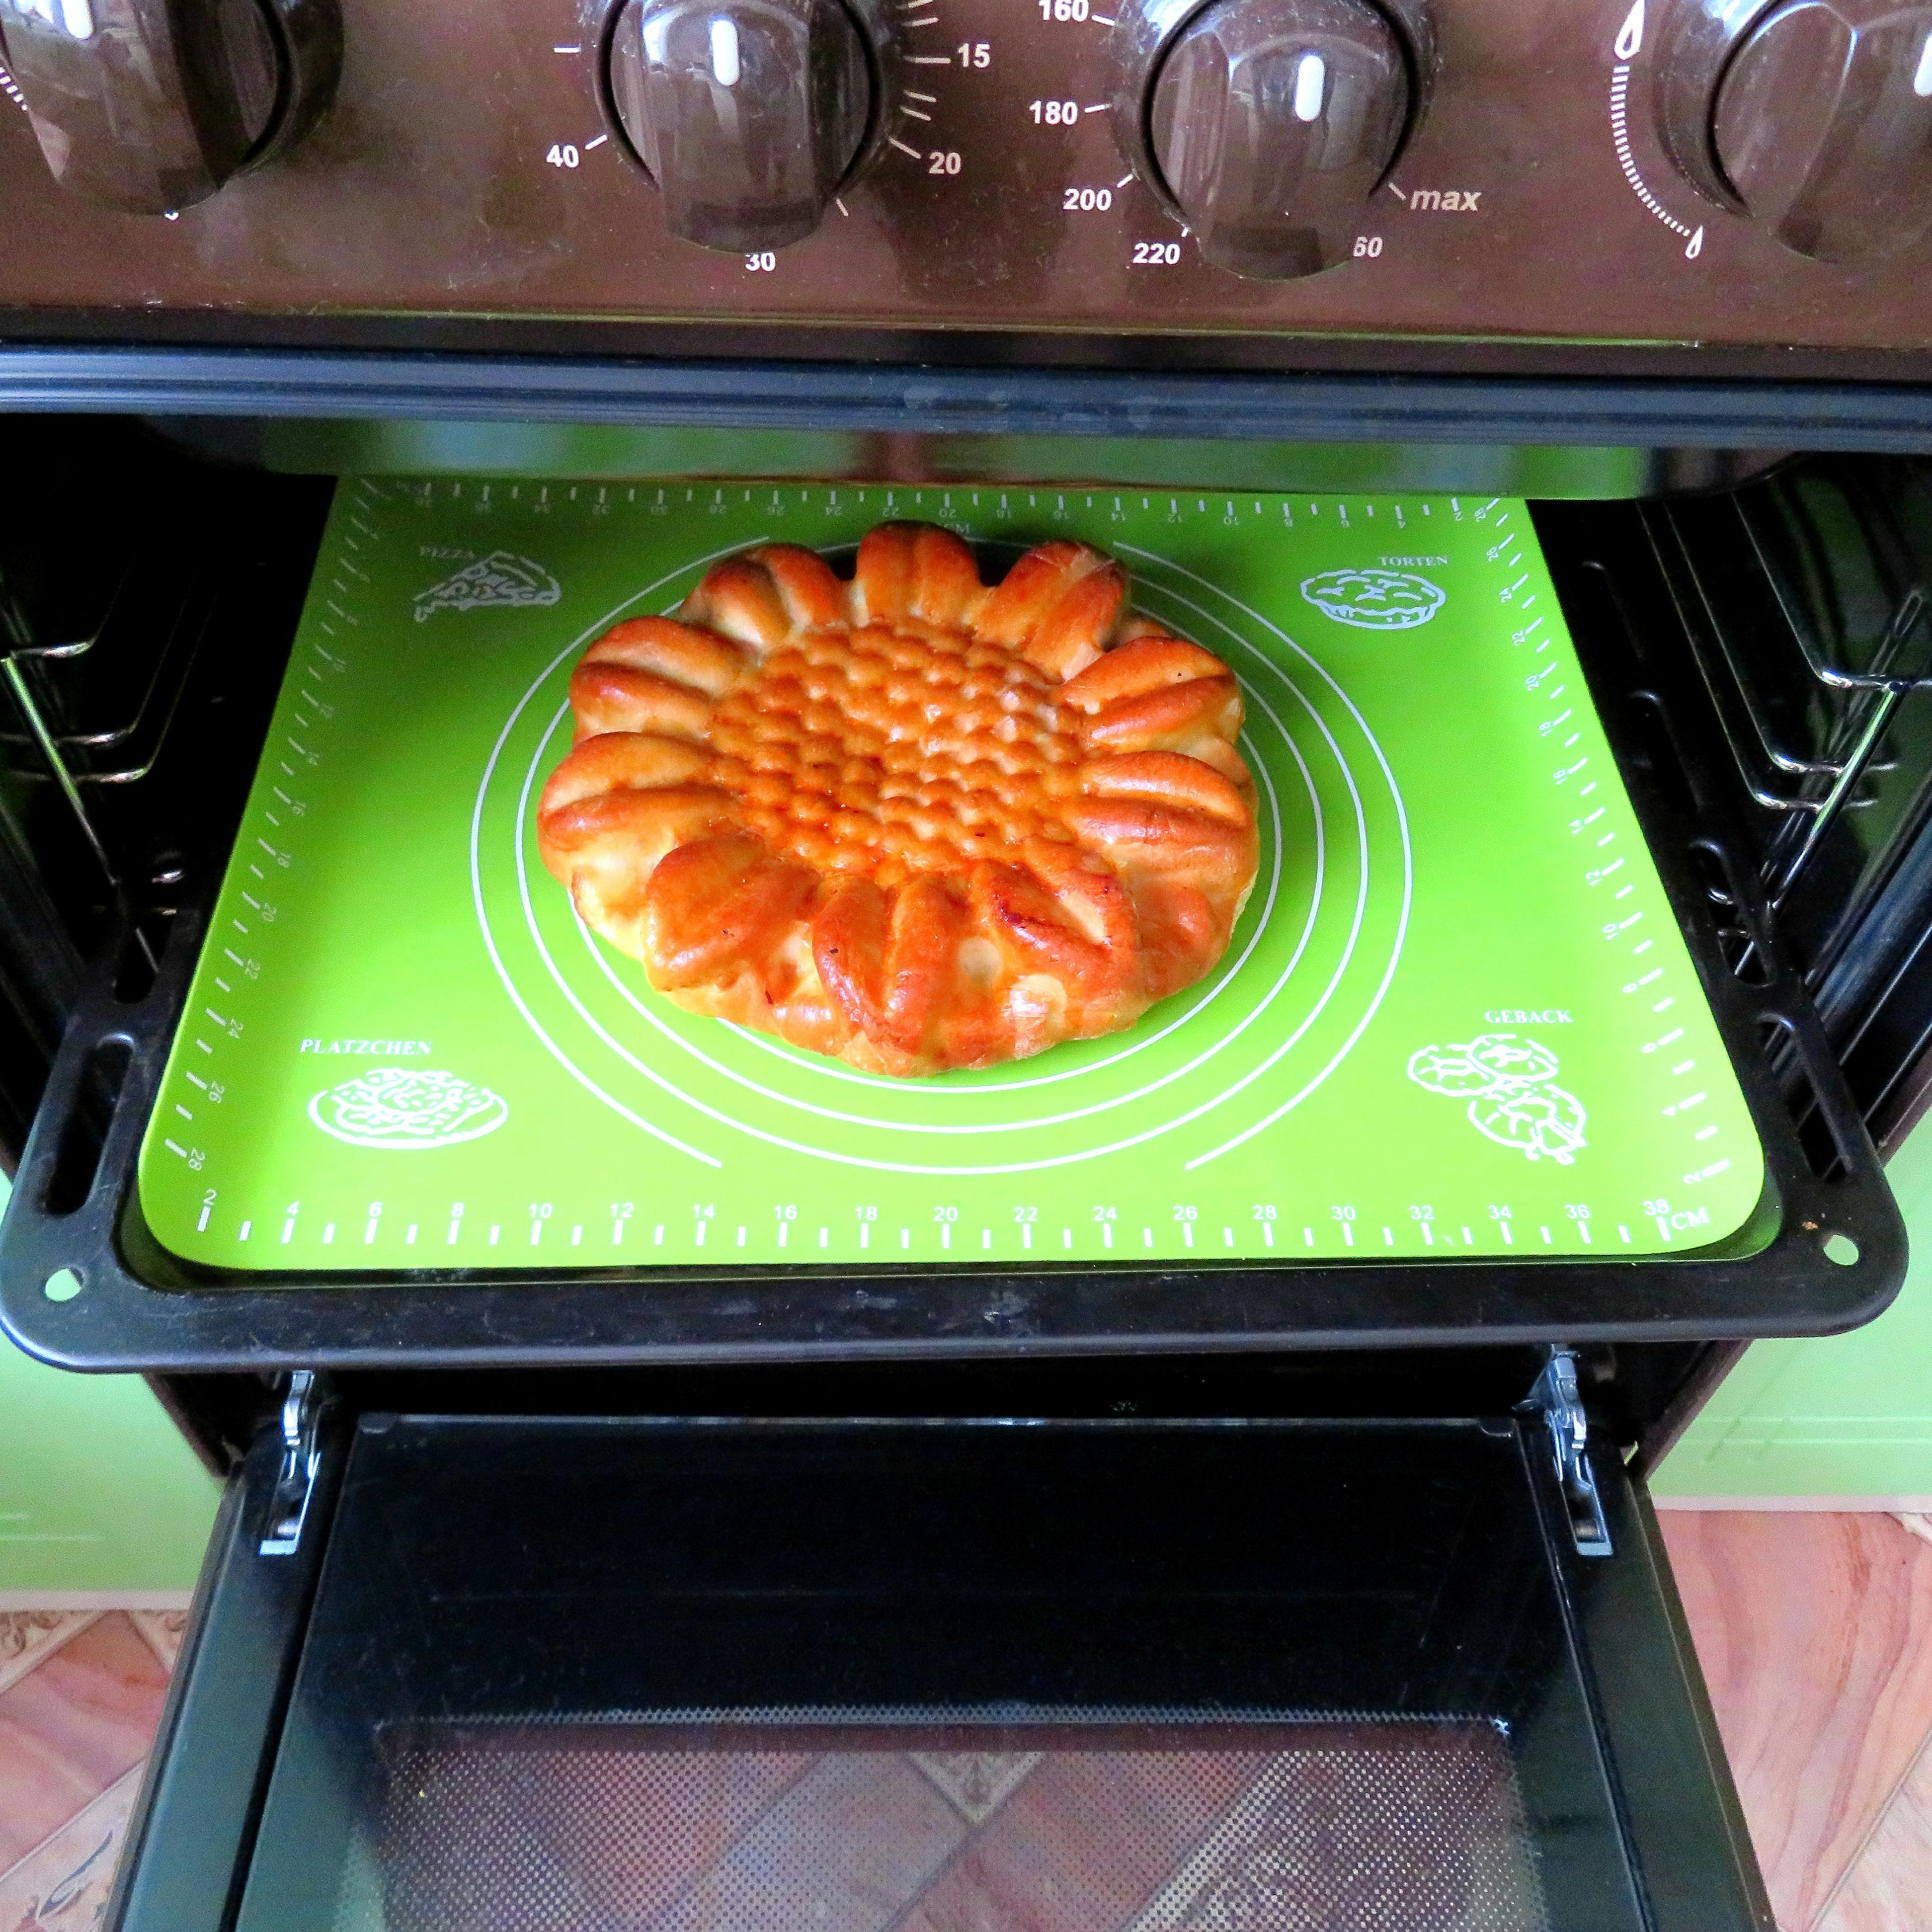 Качественный силиконовый термоустойчивый коврик для выпечки